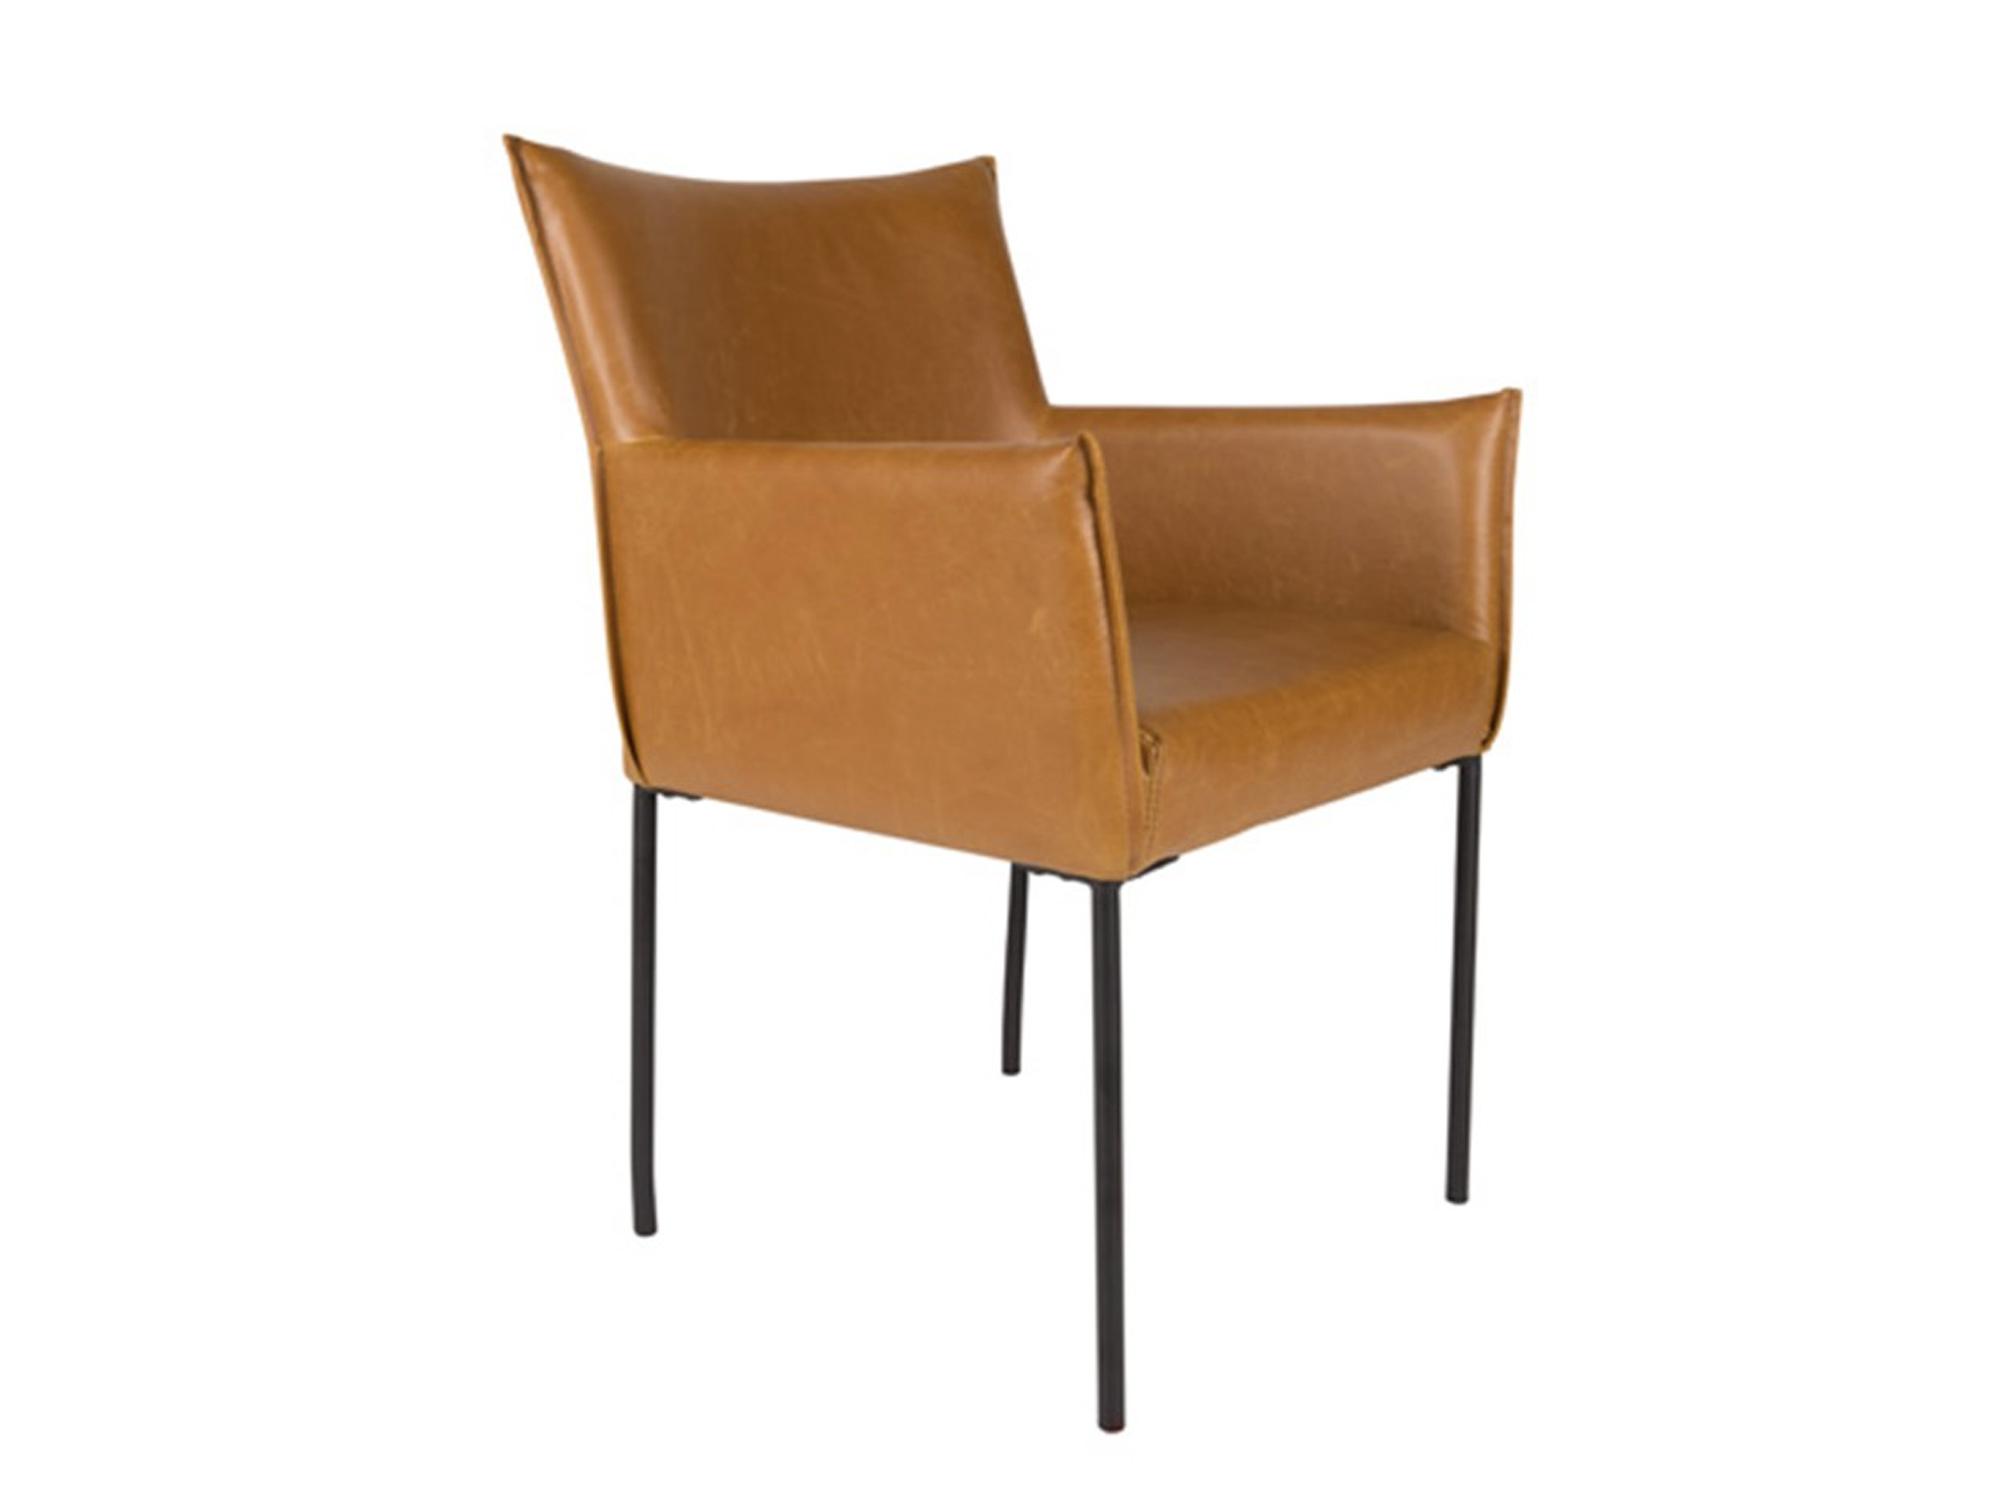 Stoel Zuiver Eleven : Zuiver stoel zuiver twelve stoel nieuw zuiver doulton free zuiver